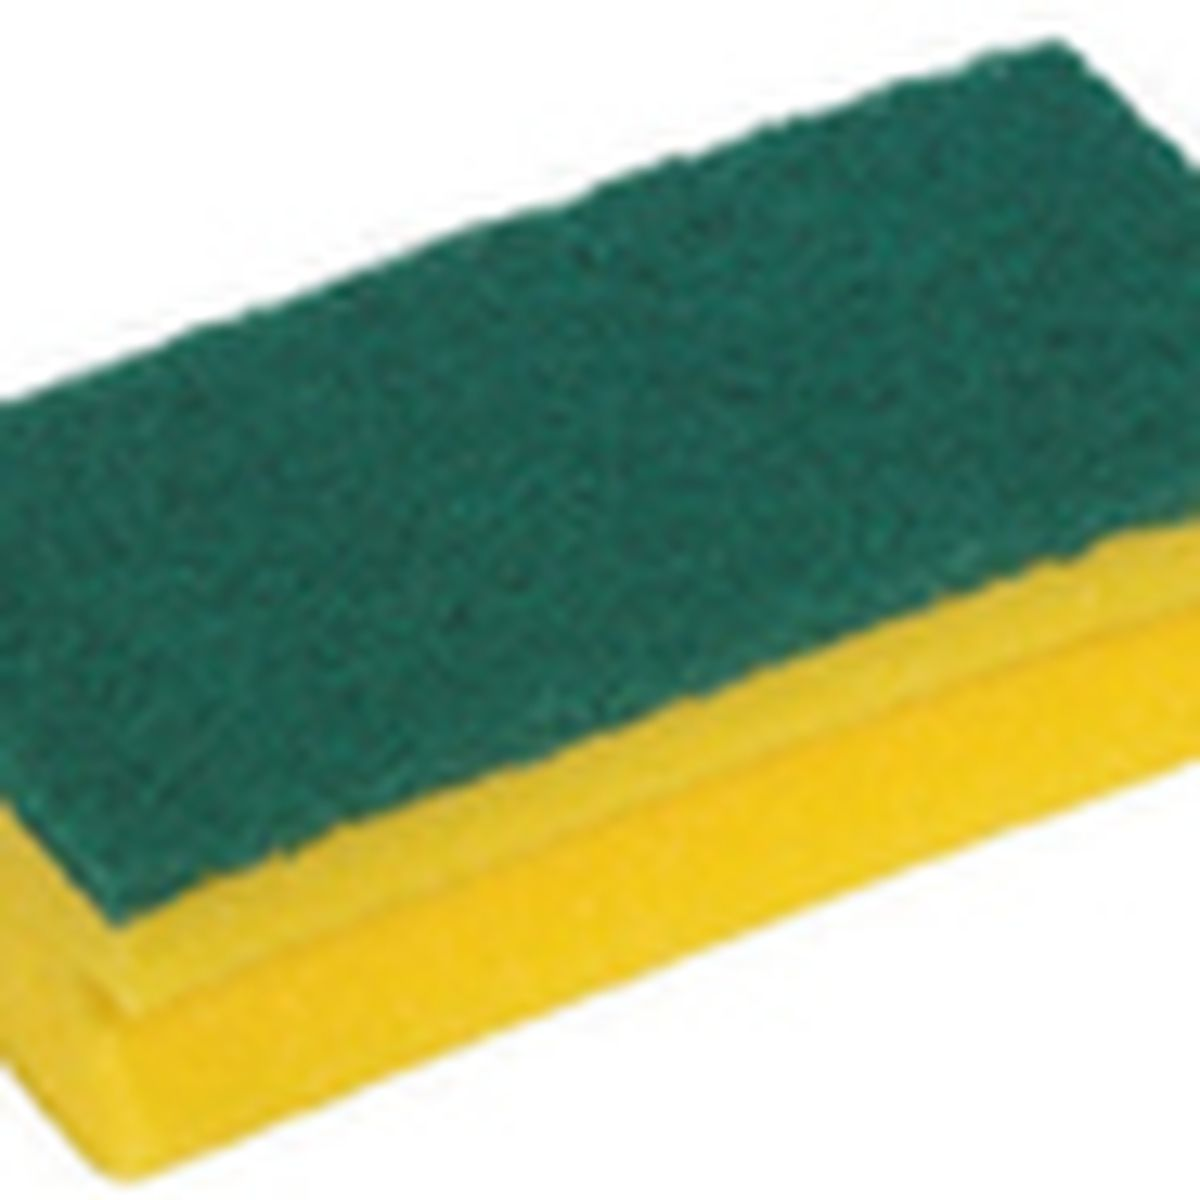 abrasive sponge